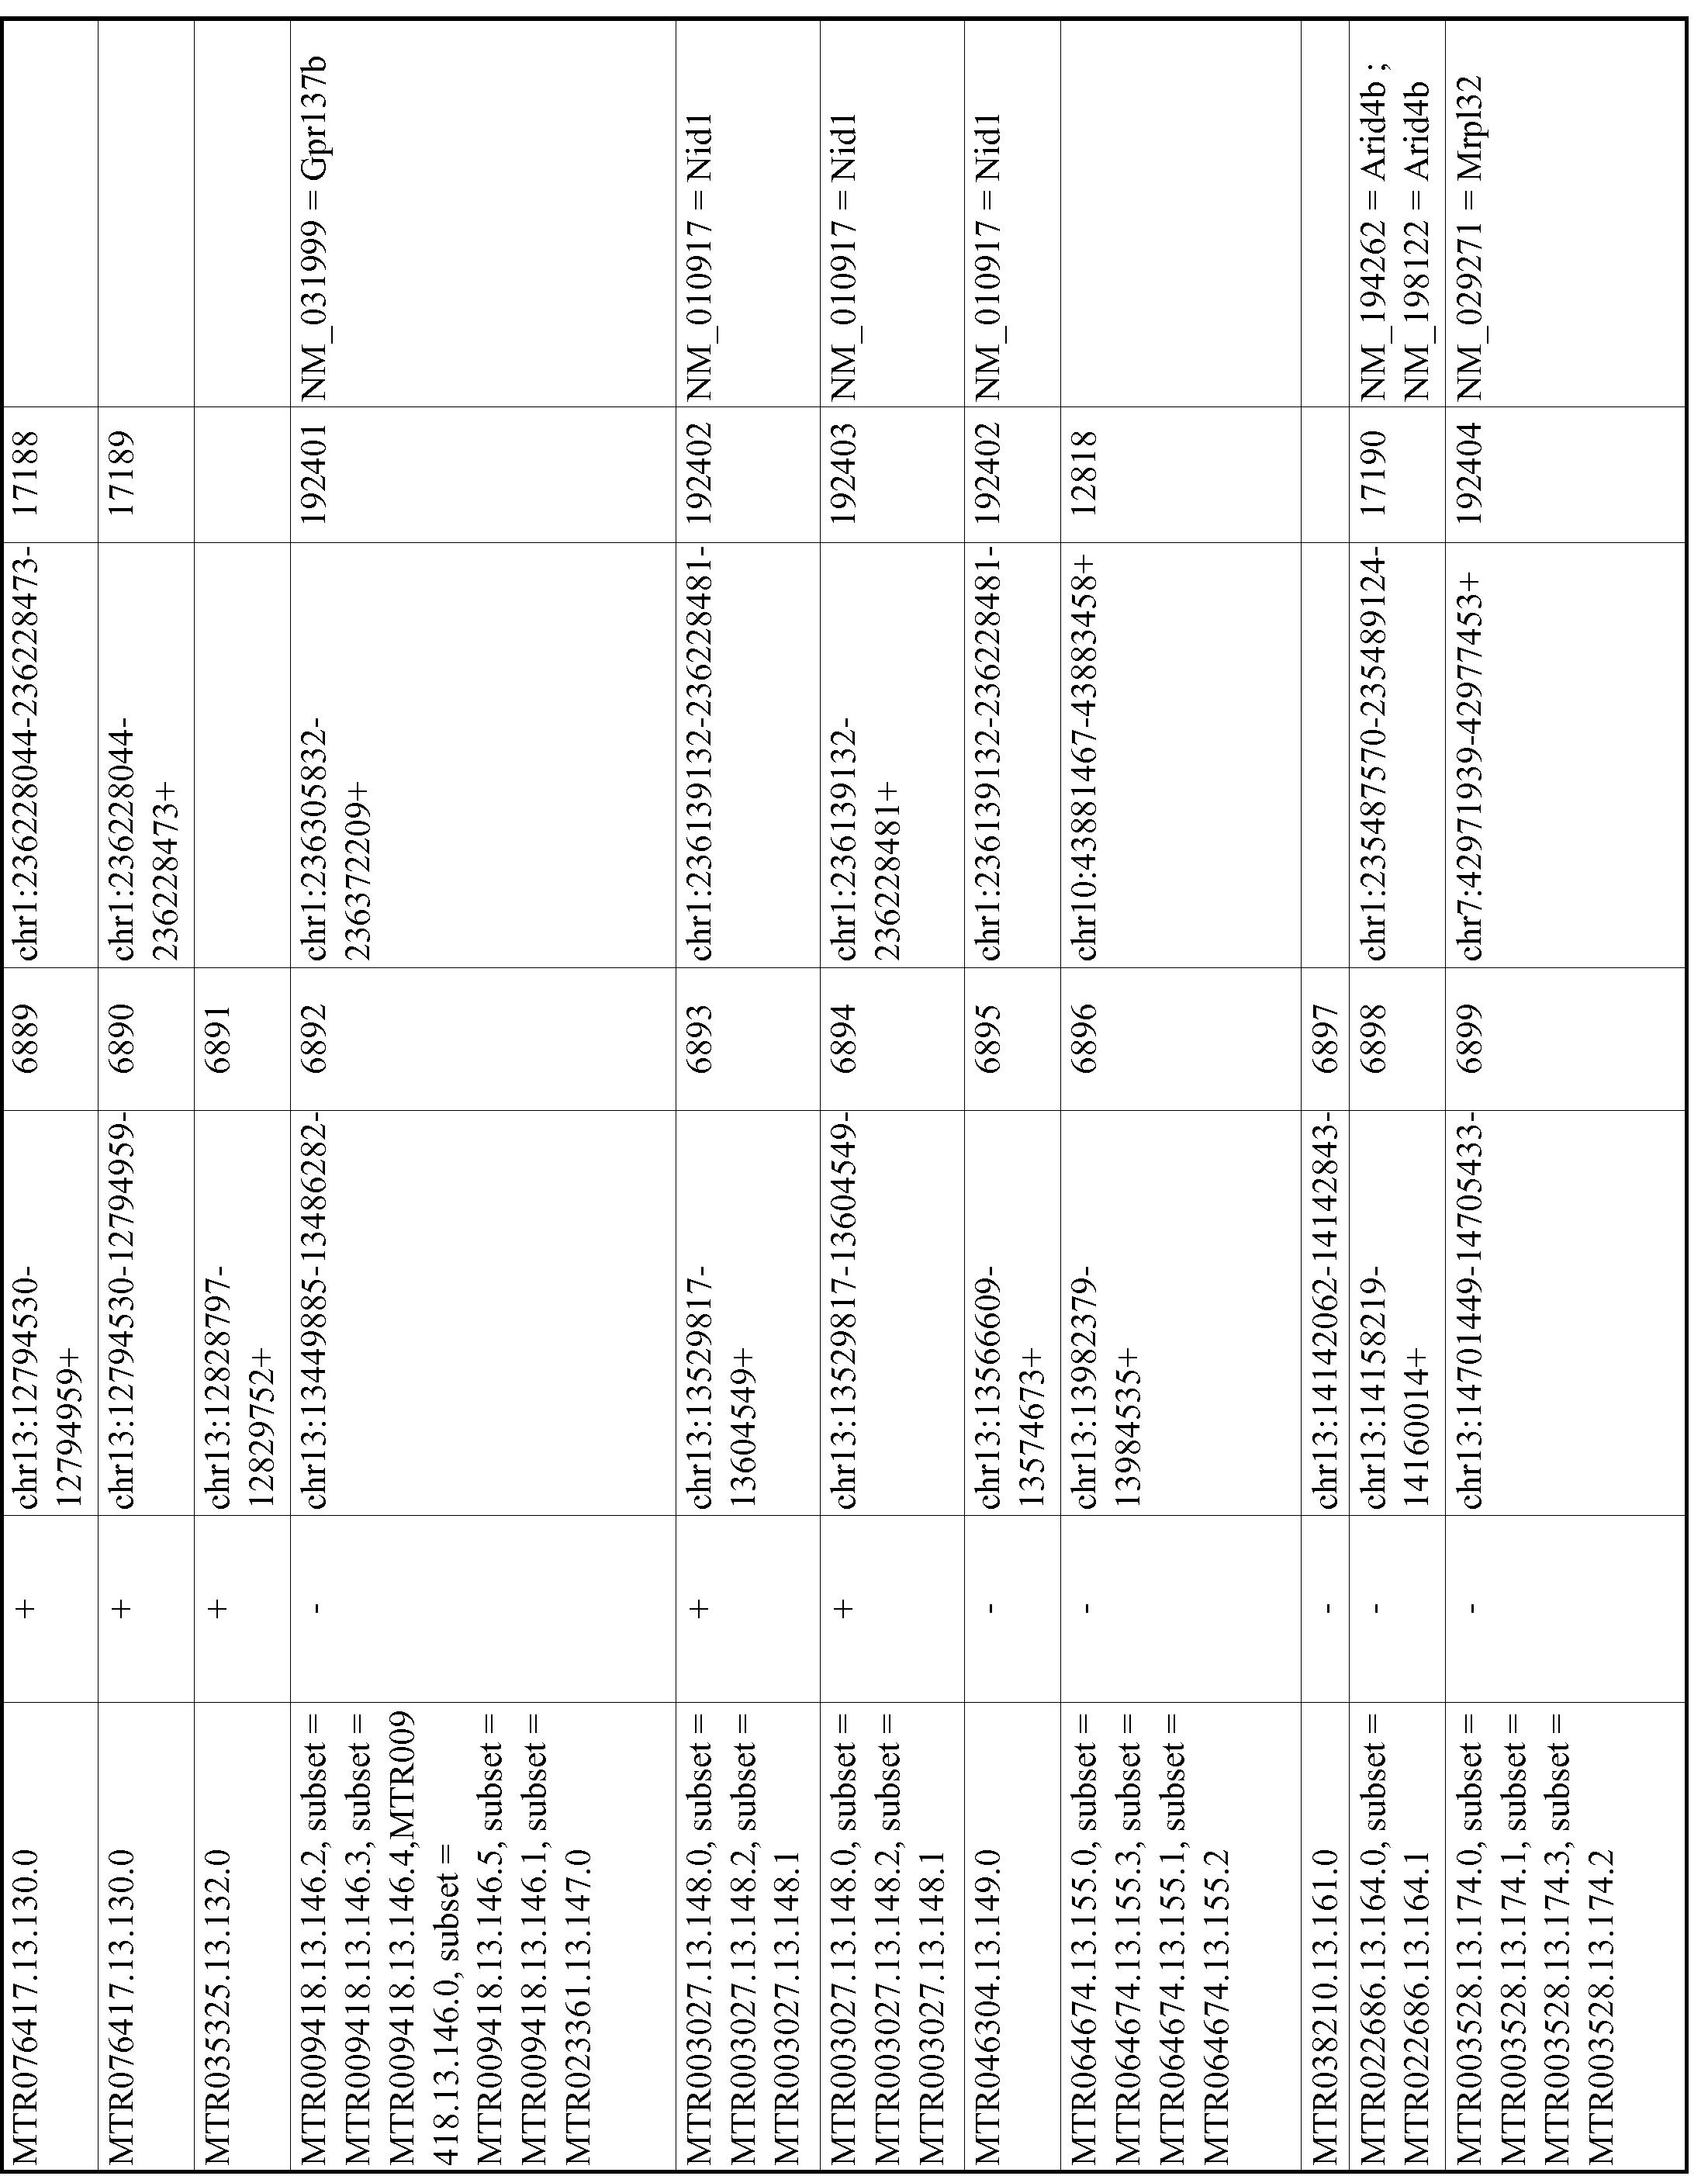 Figure imgf001223_0001